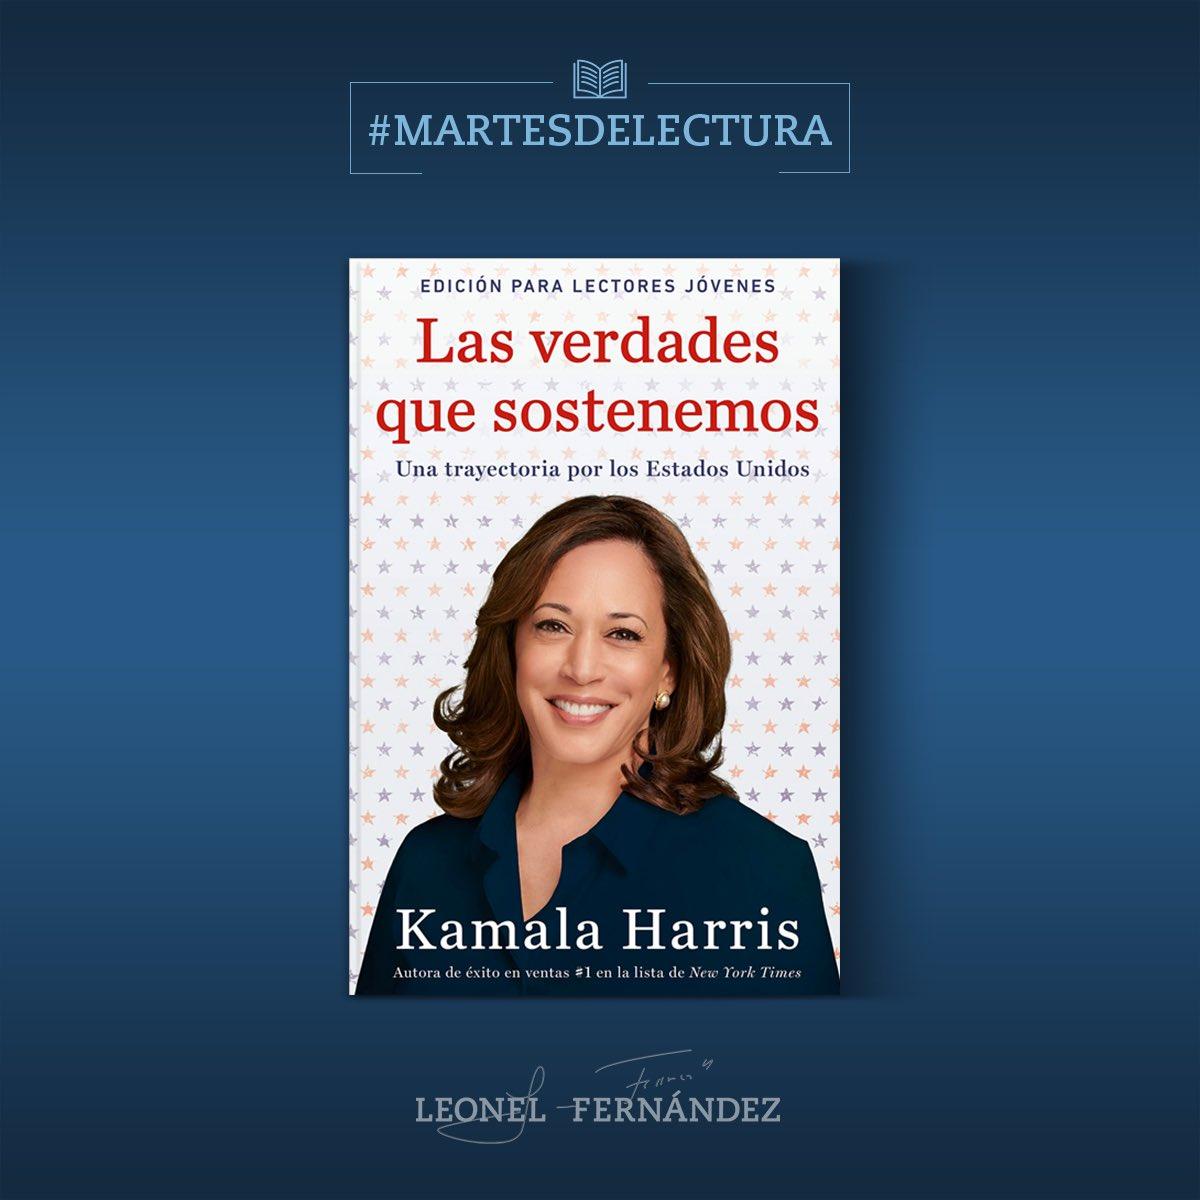 #MartesDeLectura: Versión resumida y simplificada para jóvenes lectores, de las memorias de la primera mujer vicepresidenta electa de los Estados Unidos, Kamala Harris. https://t.co/jaf87L1PCh